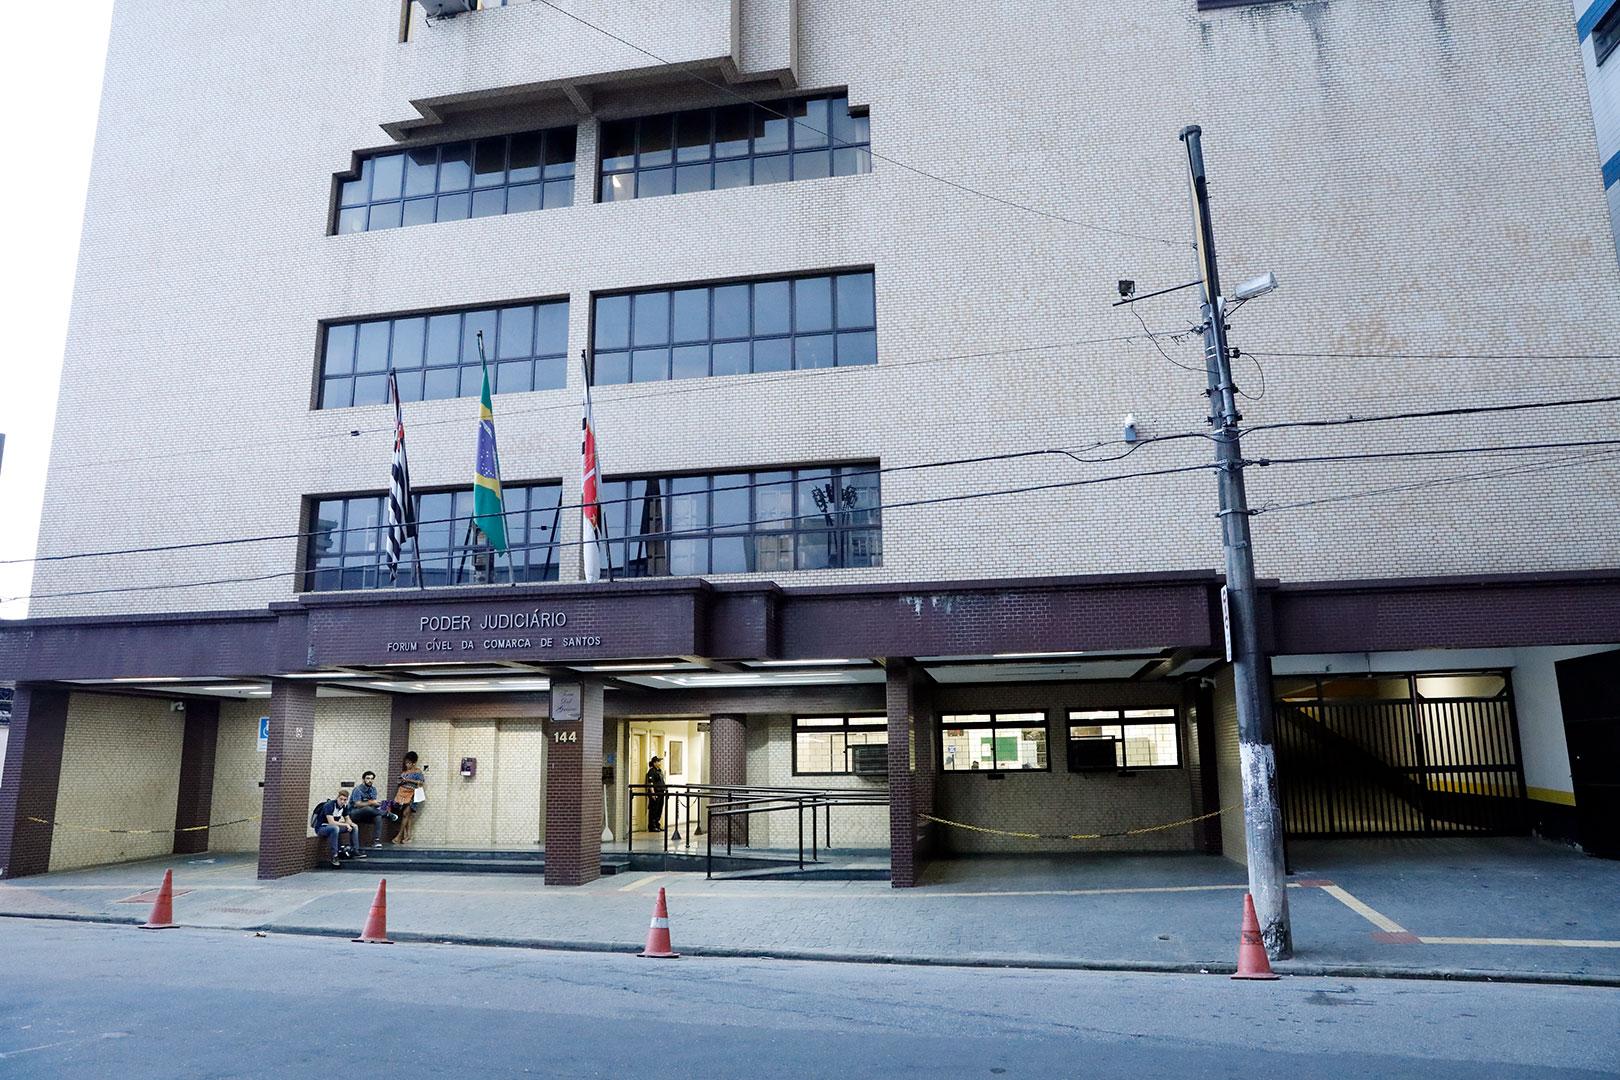 Fórum de Santos inaugura núcleo de Justiça Restaurativa